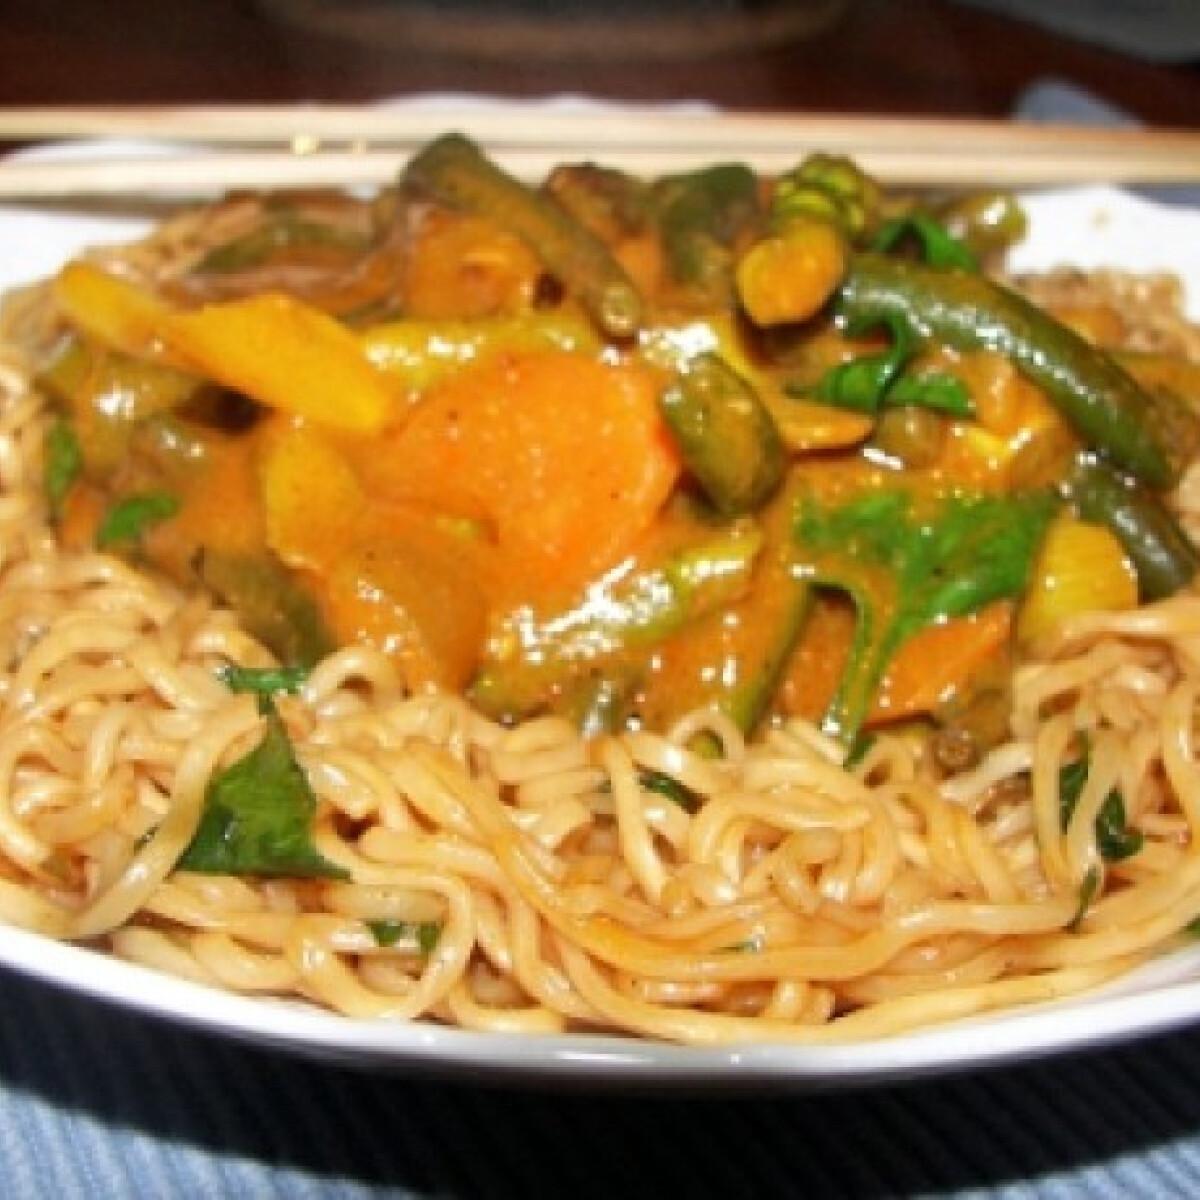 Ezen a képen: Currys-mogyórószószos sült tészta